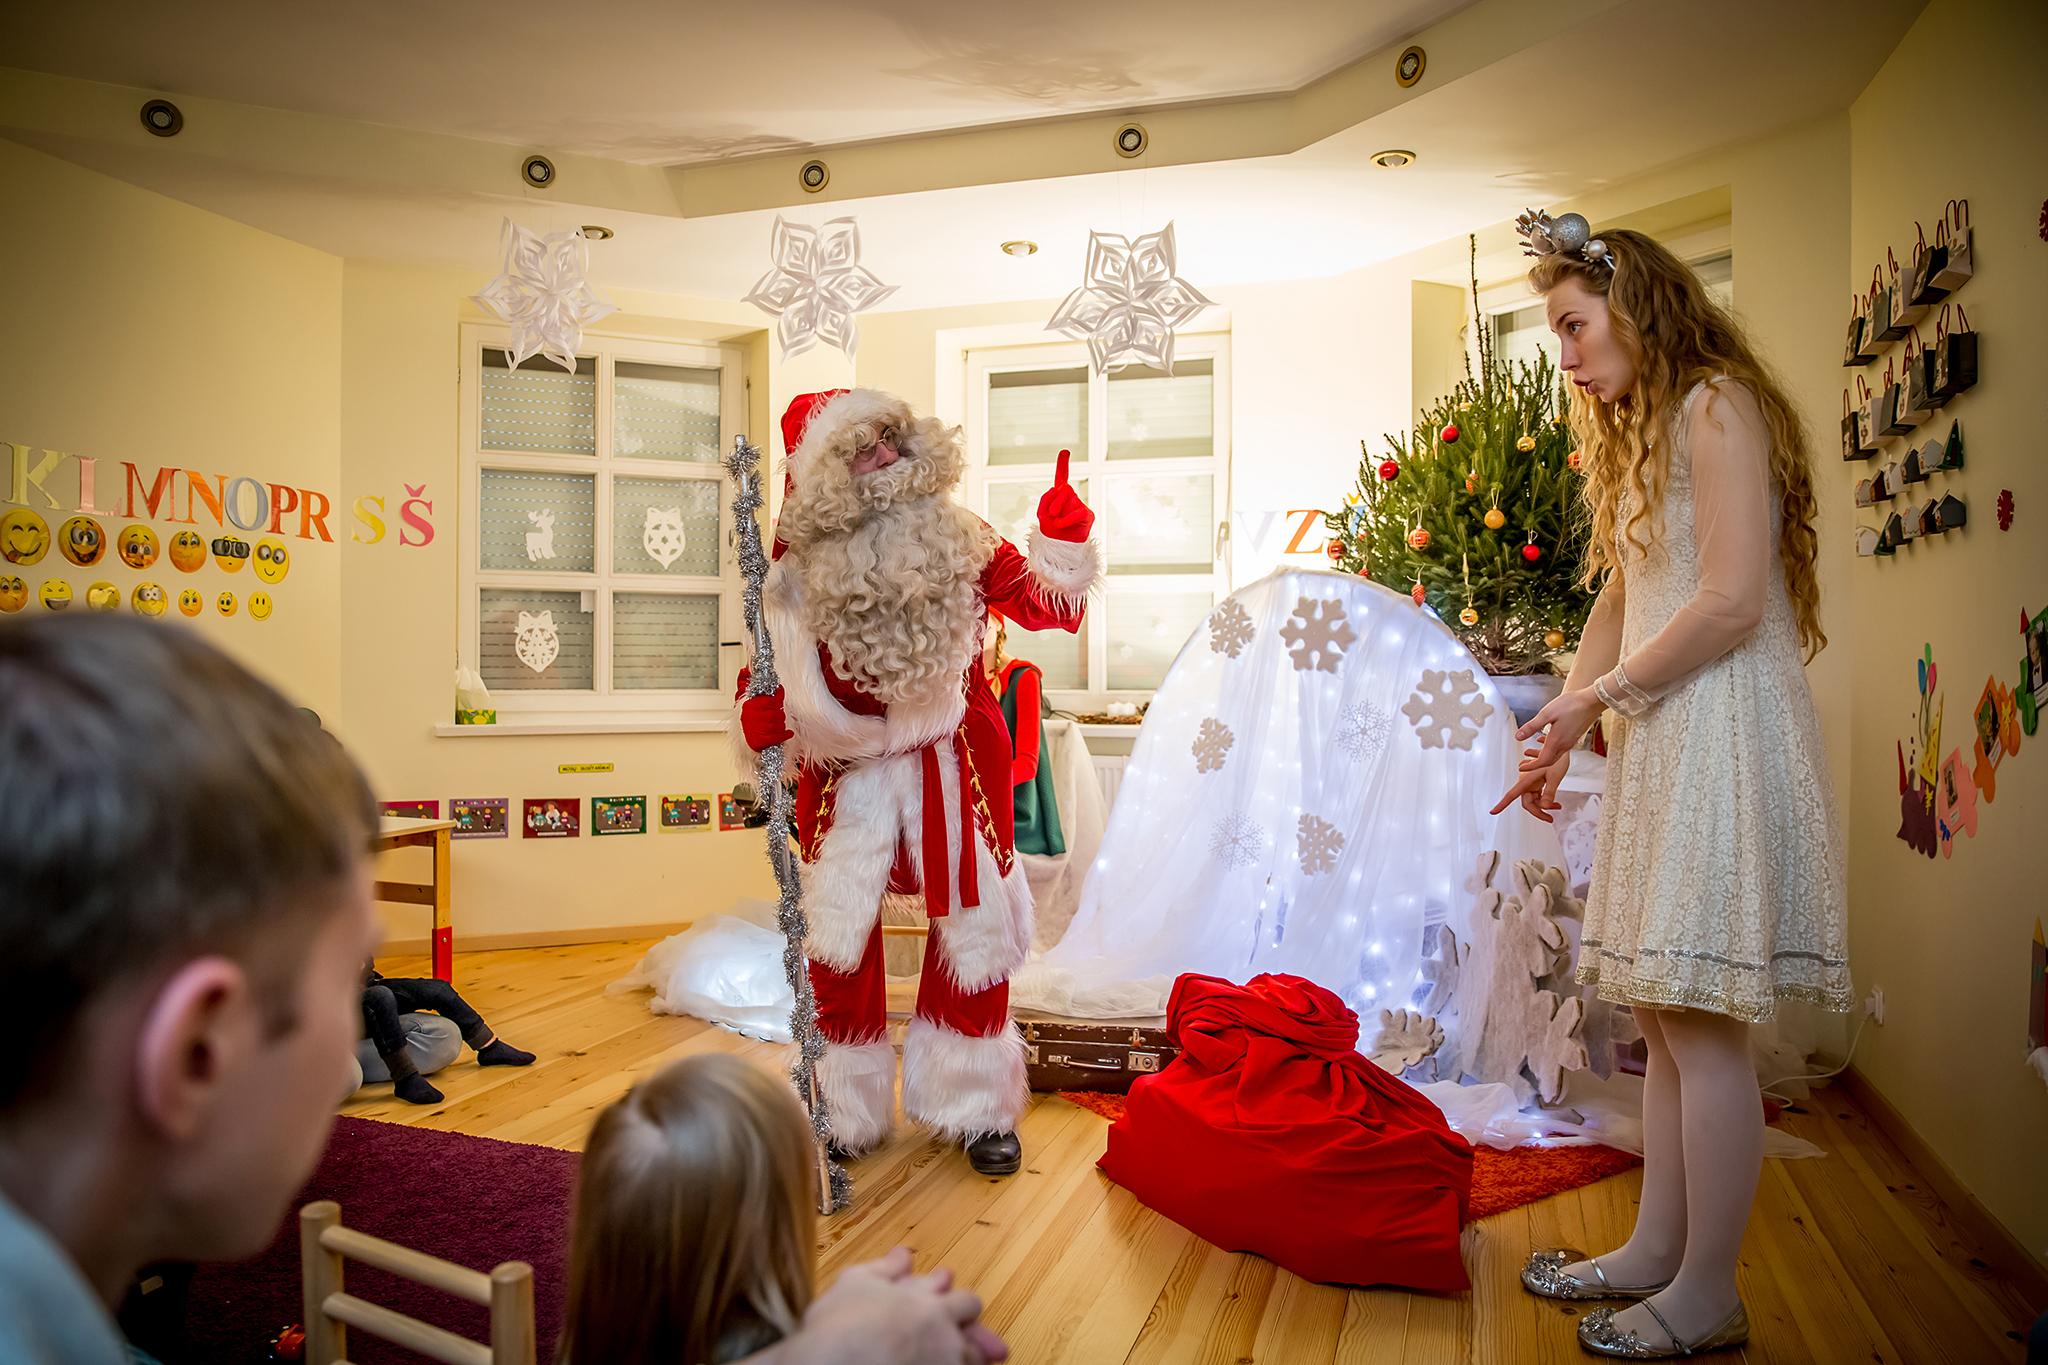 kalėdinis miuziklas, stebuklingos senelio roges, gyviteatre, teatras vaikams, spektakliai vaikams, miuziklas.